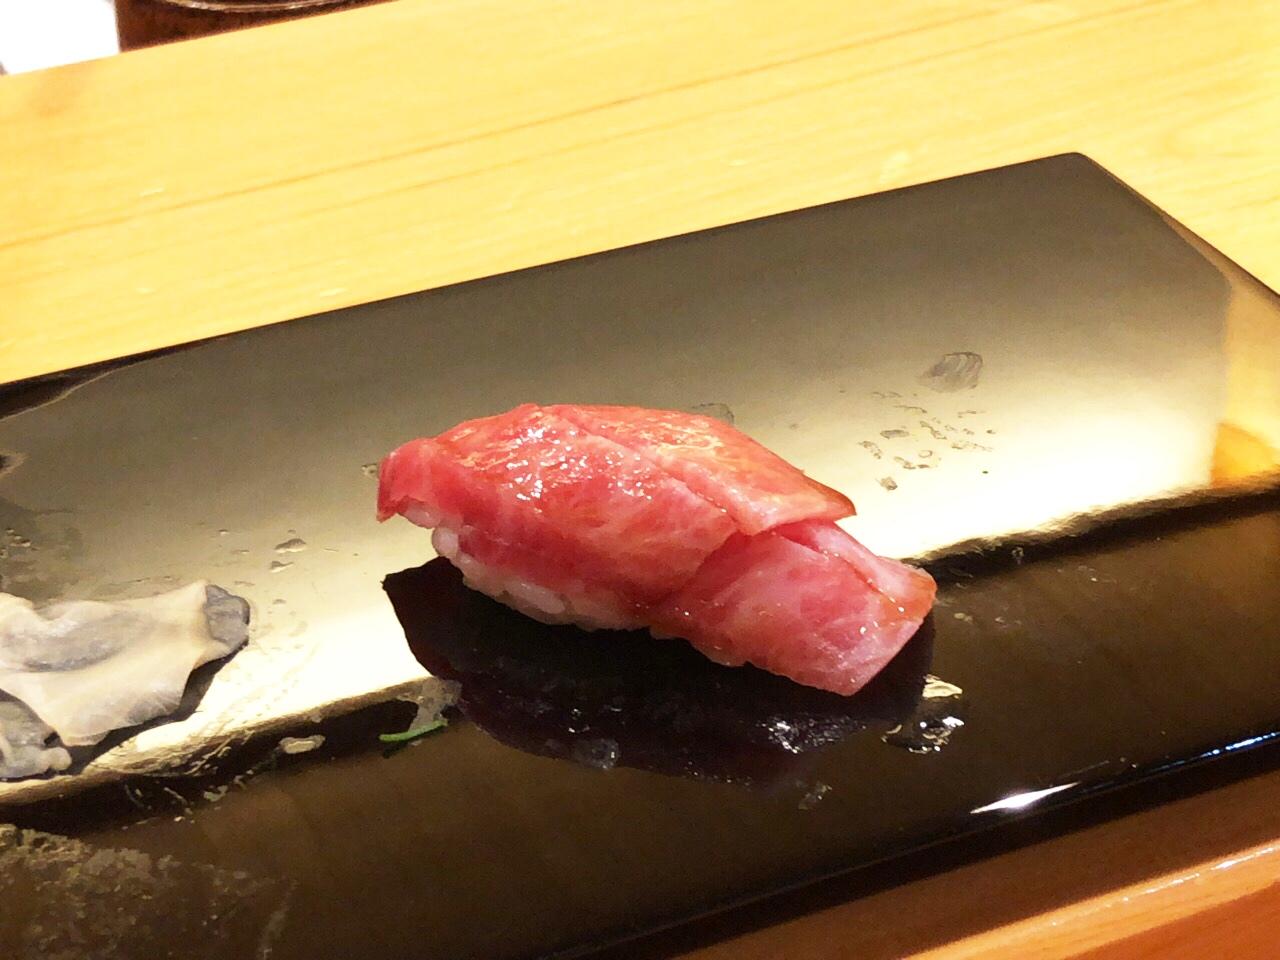 朝昼ほぼほぼ横ばいの血糖値から,夜のお寿司で血糖値上げて美味しく終えた1日|糖尿病内科医のフリースタイルリブレ自己血糖記録